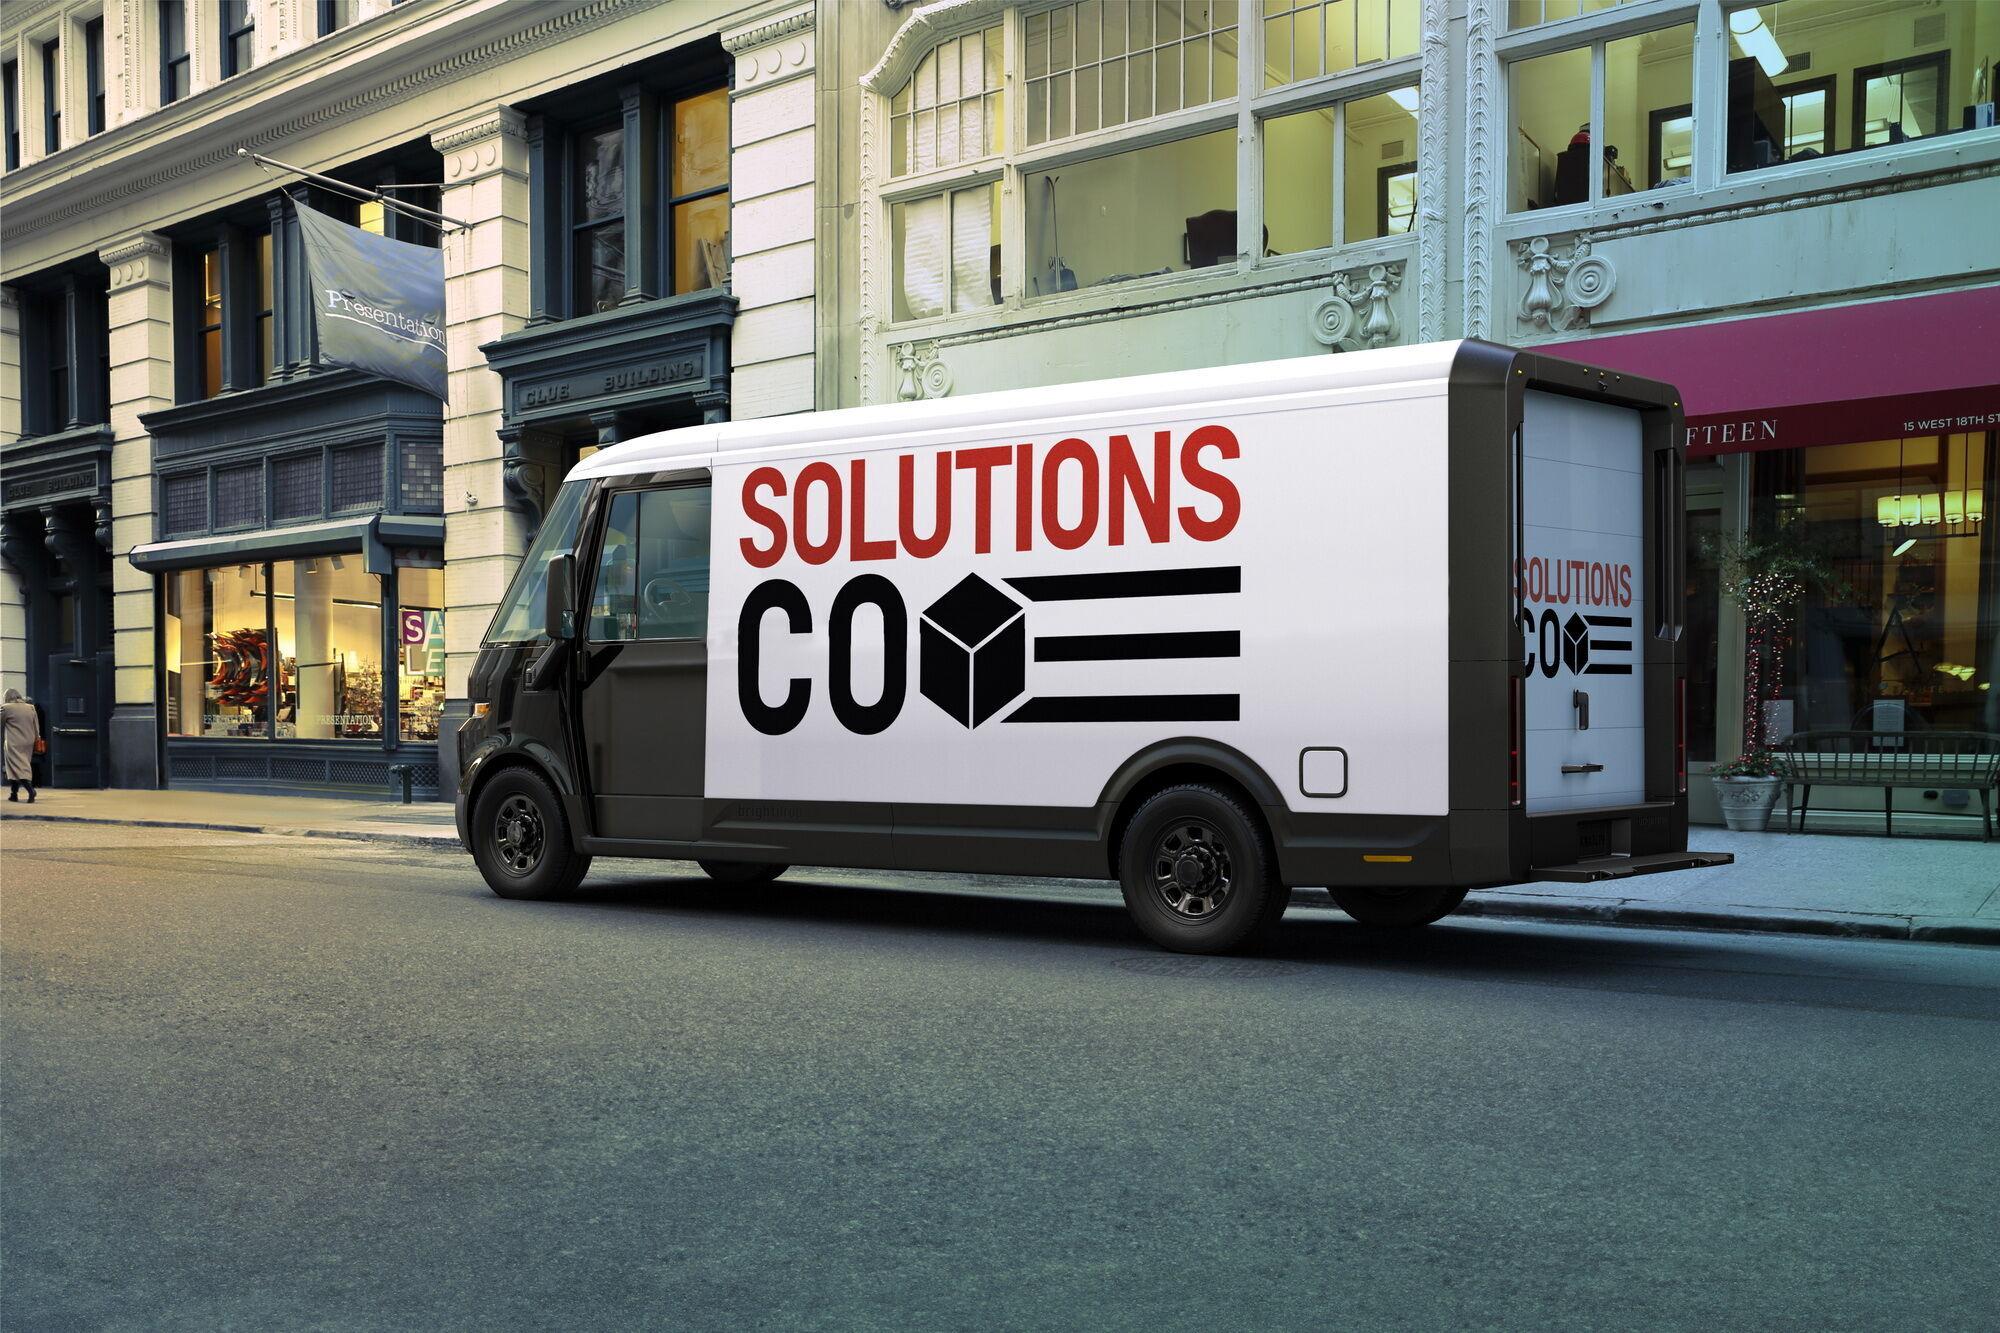 Повна маса фургона – 4,5 т, а багажне відділення має об'єм 17 м3